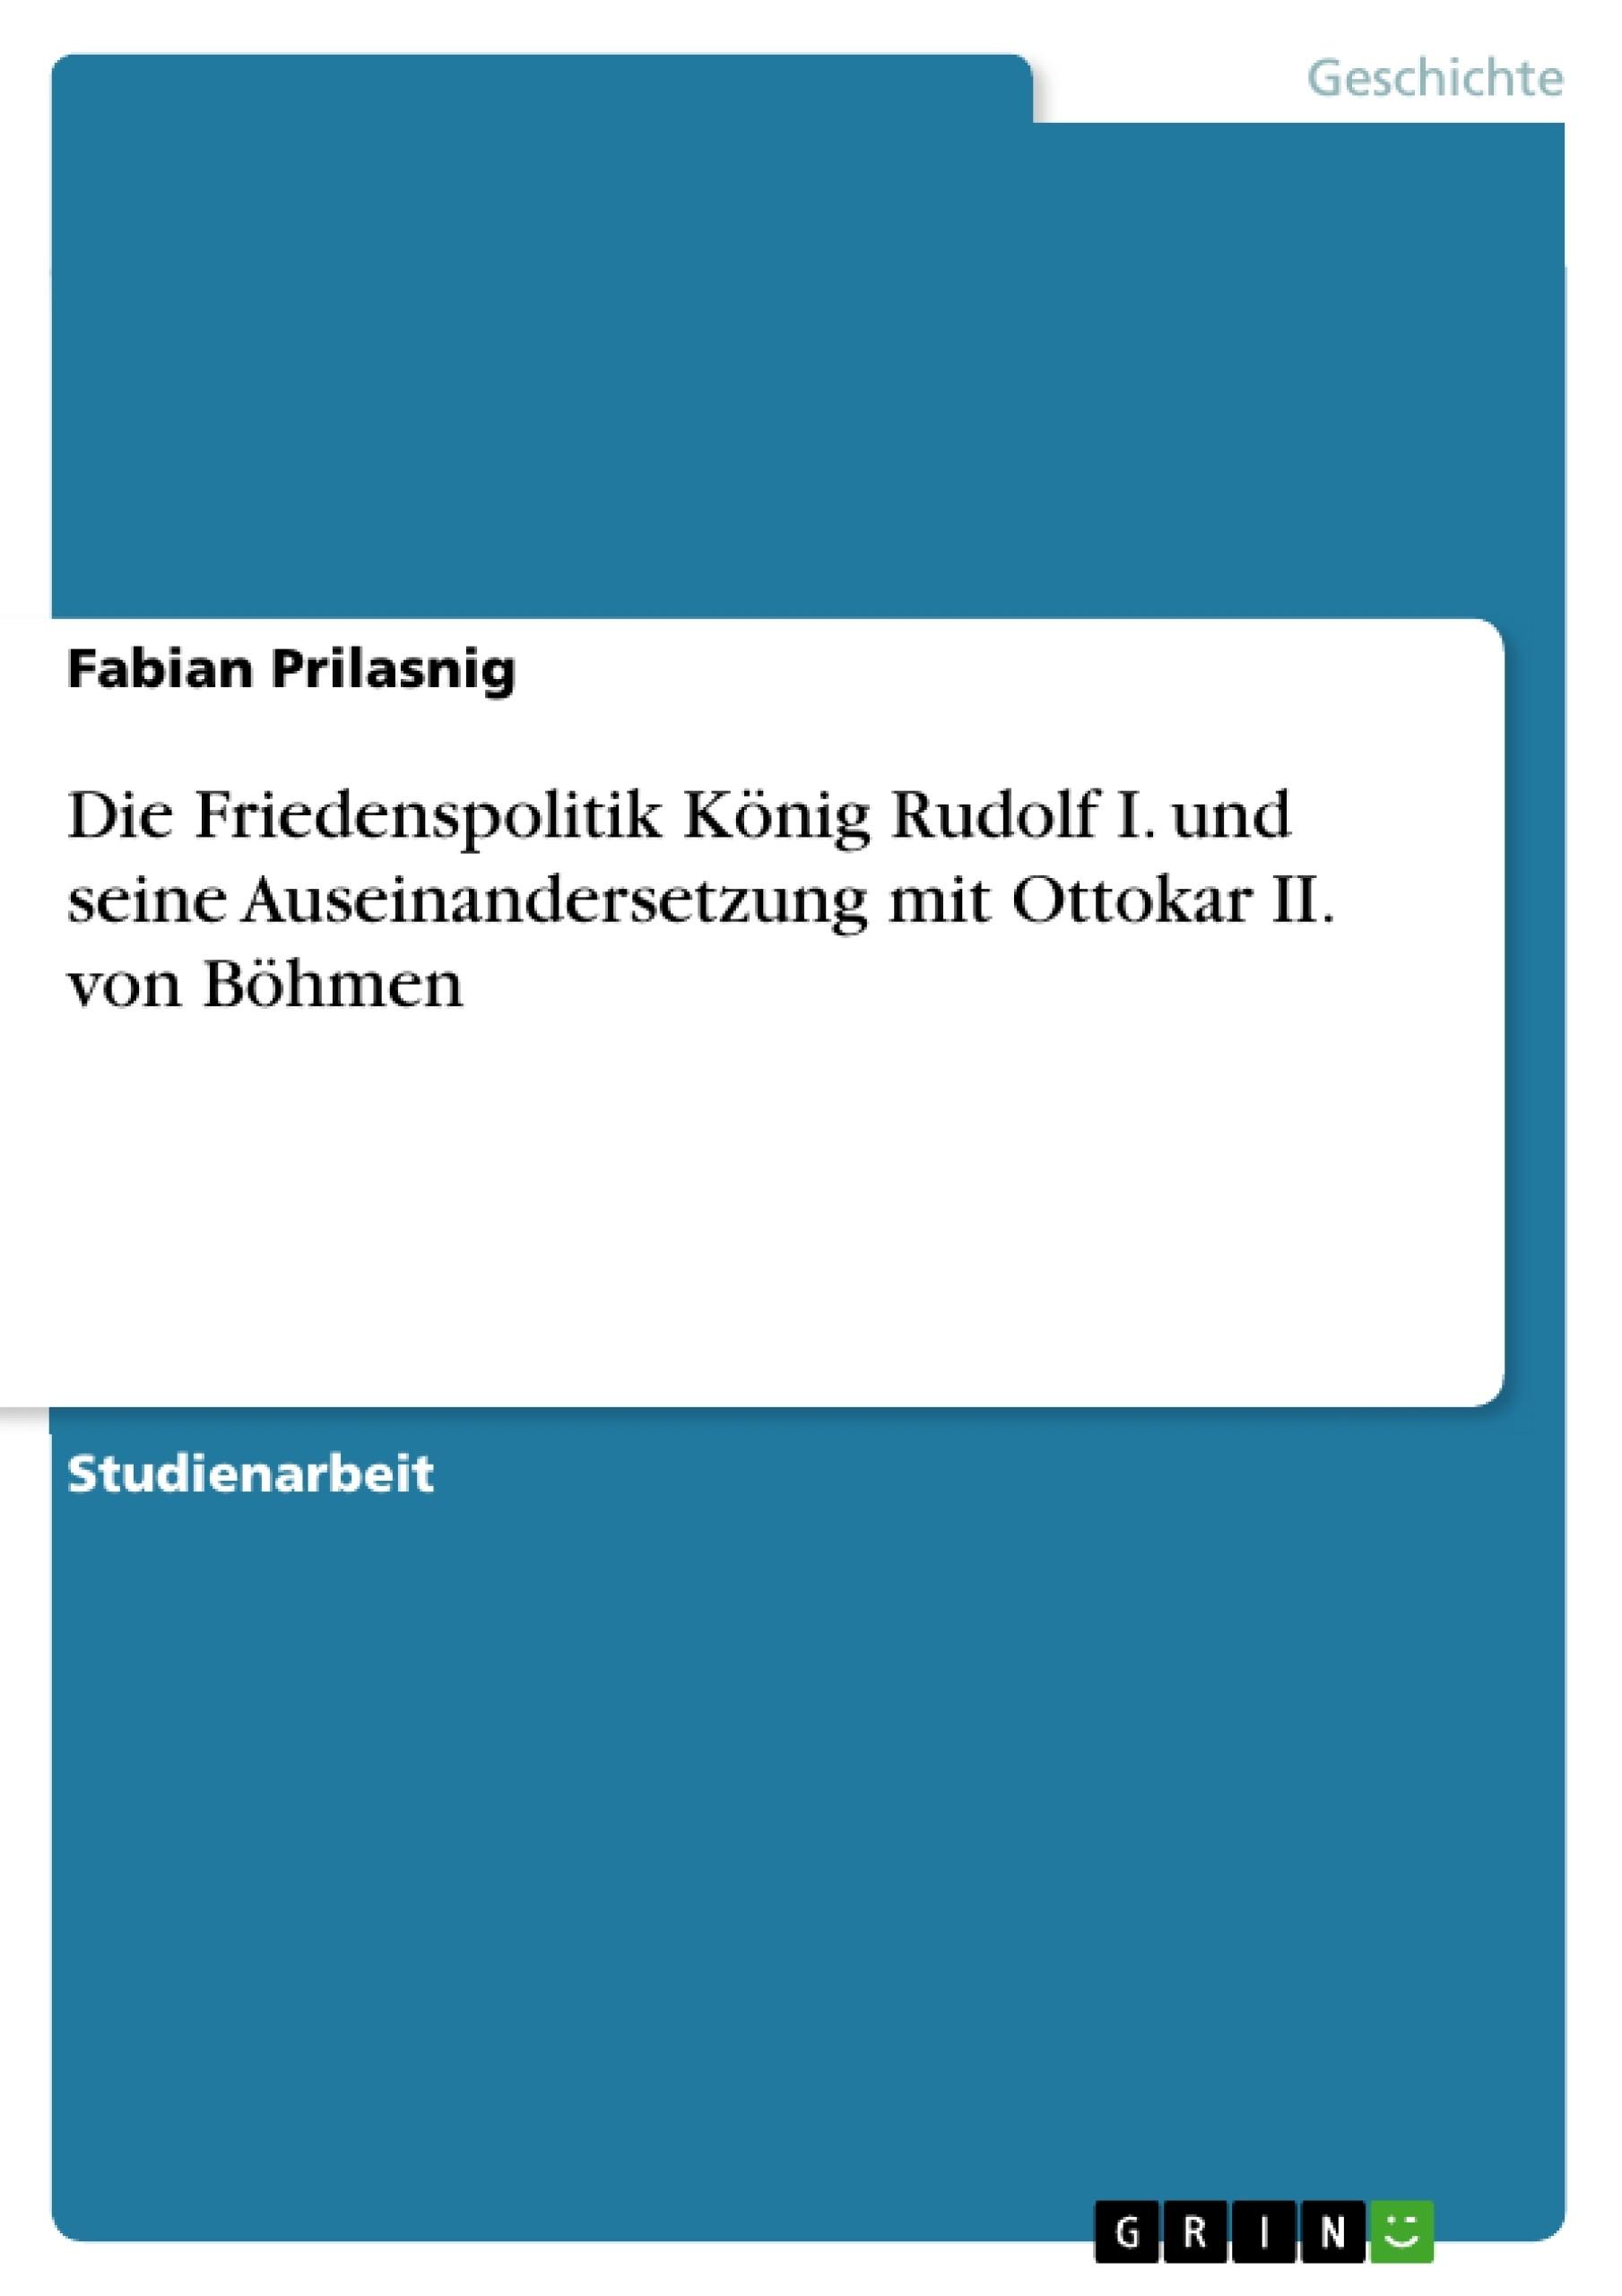 Titel: Die Friedenspolitik König Rudolf I. und seine Auseinandersetzung mit Ottokar II. von Böhmen